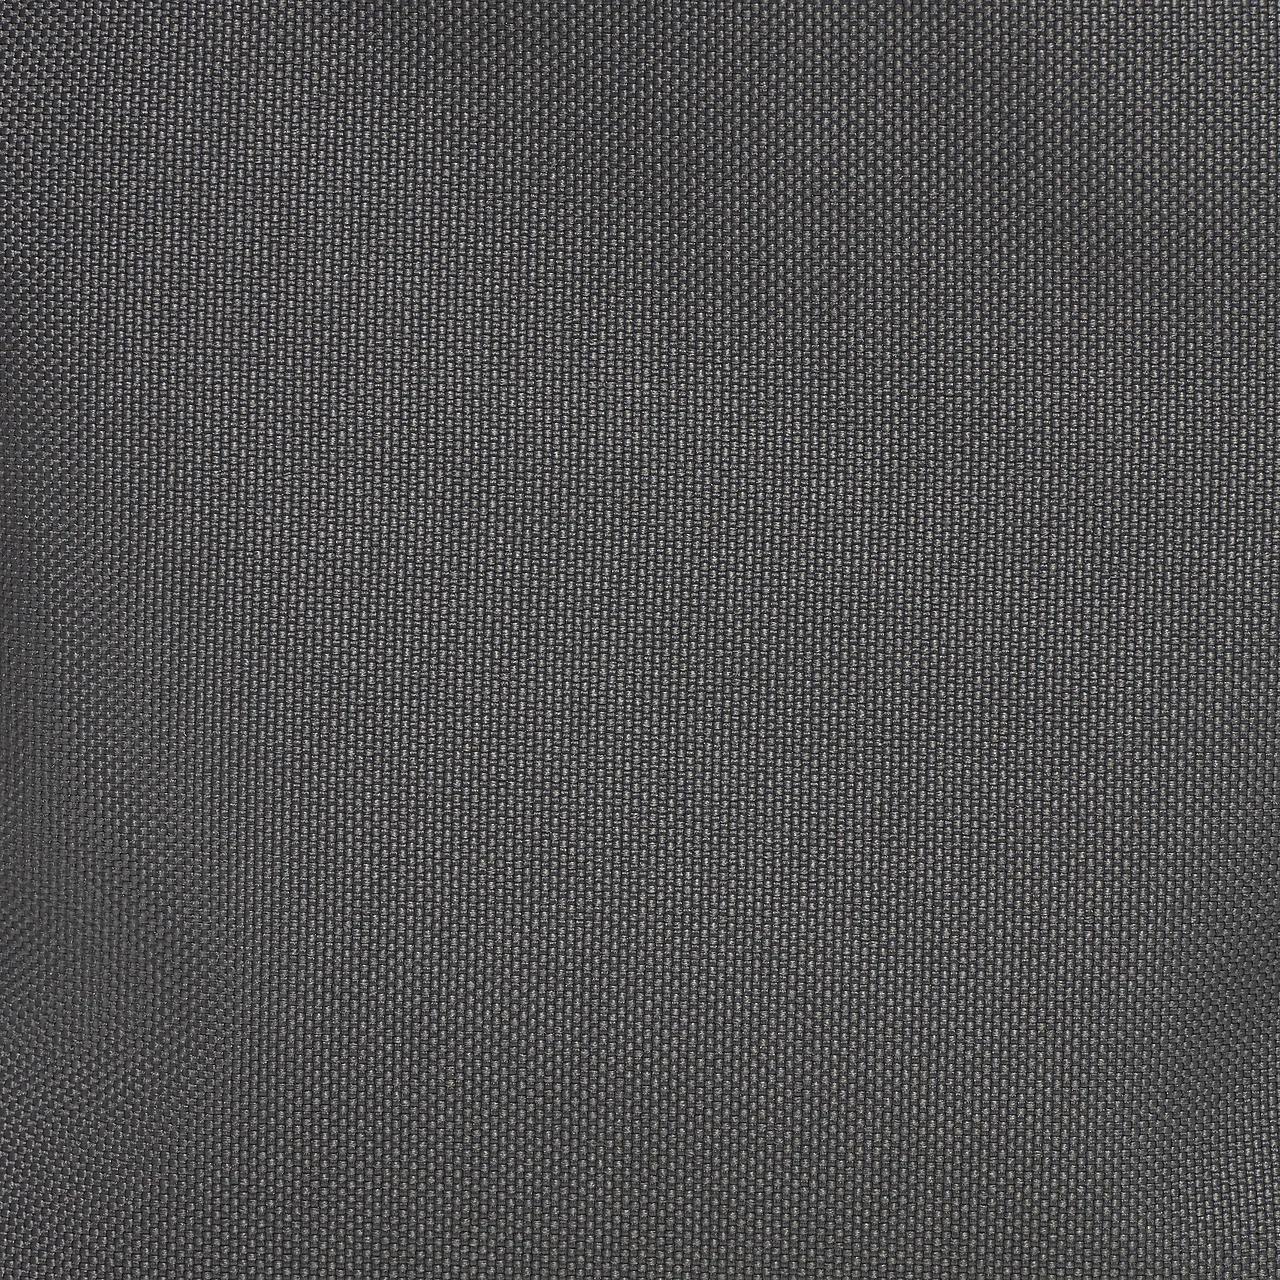 나이키 유틸리티 스피드 트레이닝 백팩 CK2668-068